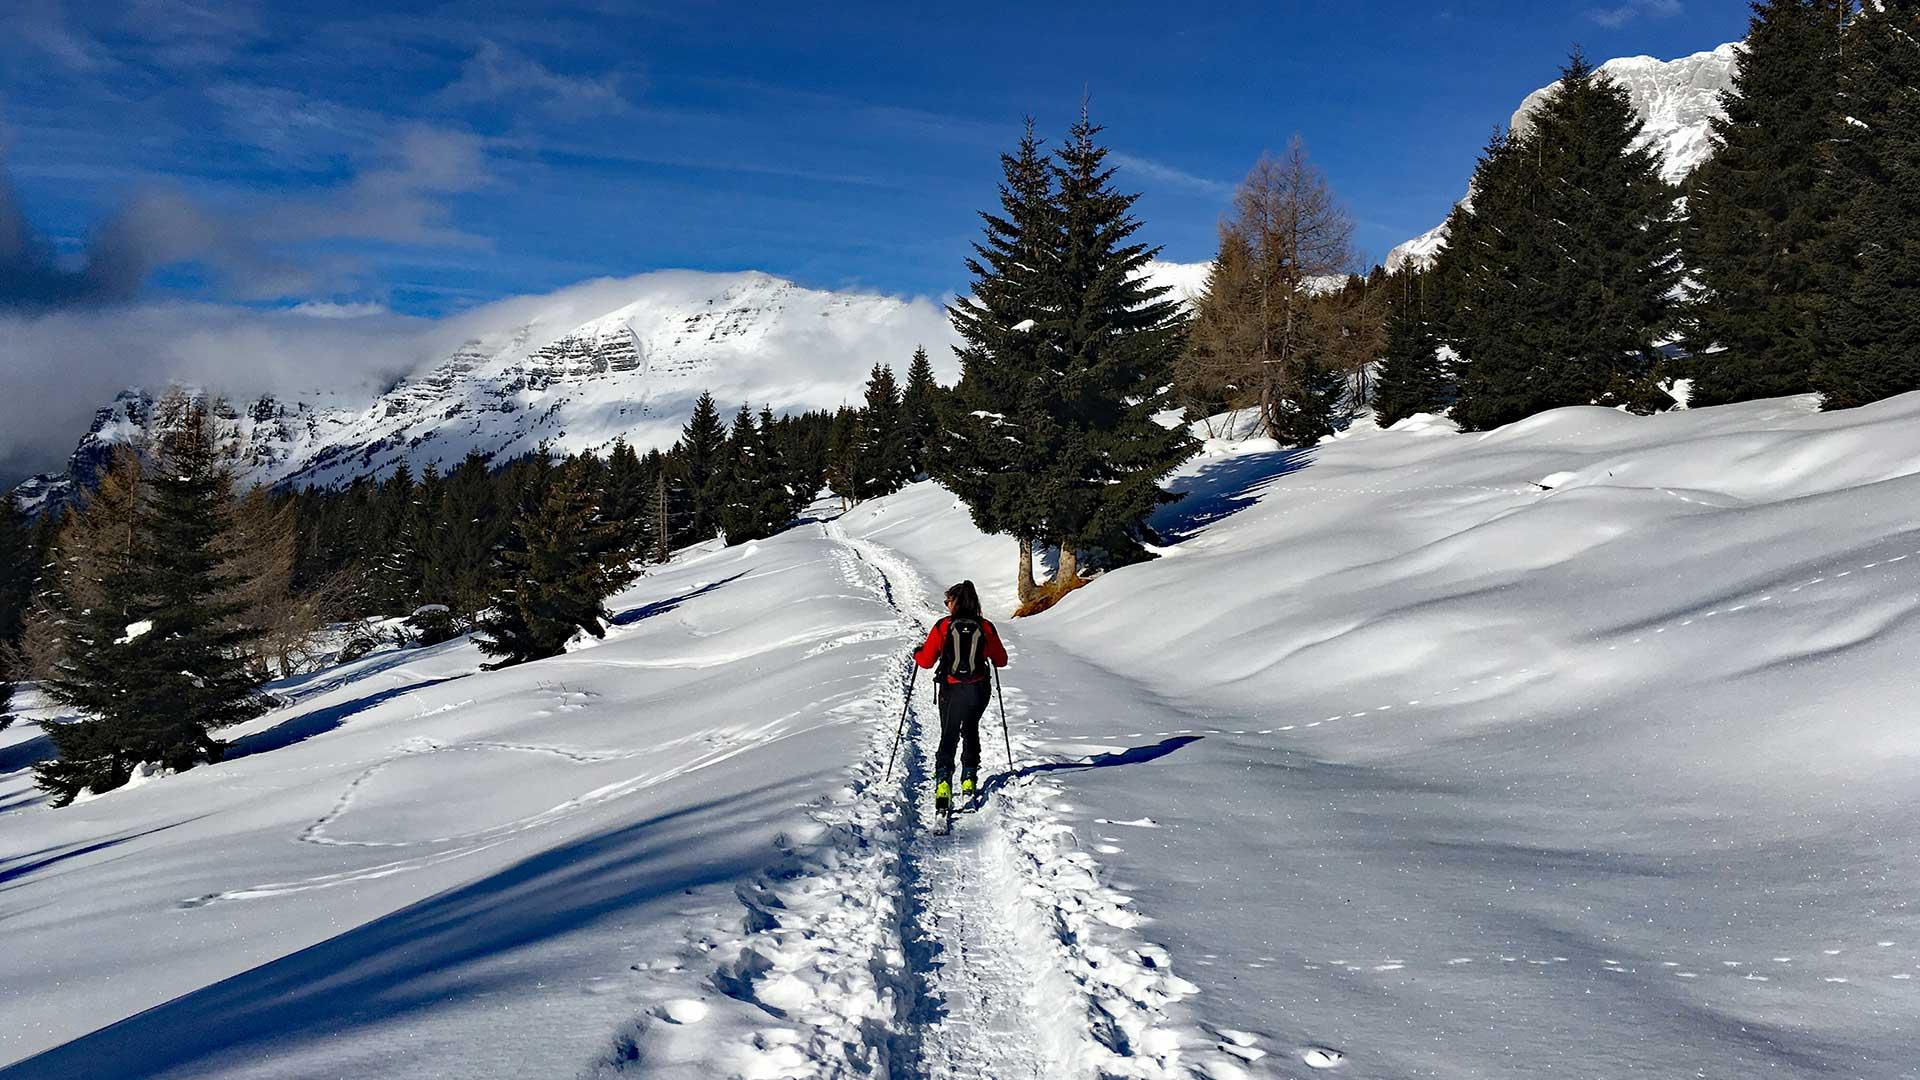 Escursioni Invernali Parco Naturale Prealpi Giulie: Gusto invernale della Riseva